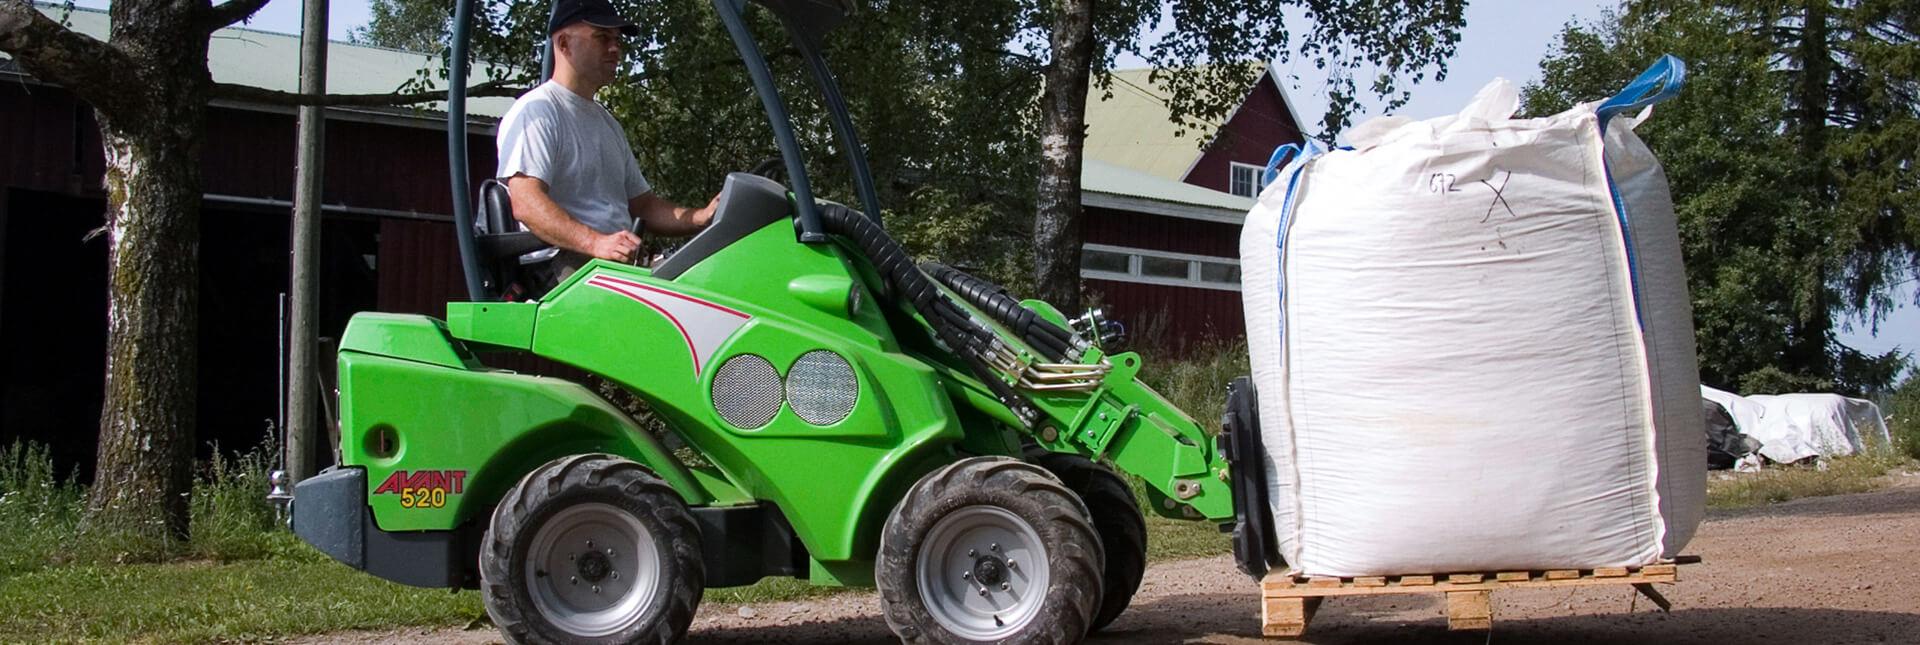 Arbejdsbillede af pallegafler til håndtering af mindre gods med en avant minilæsser